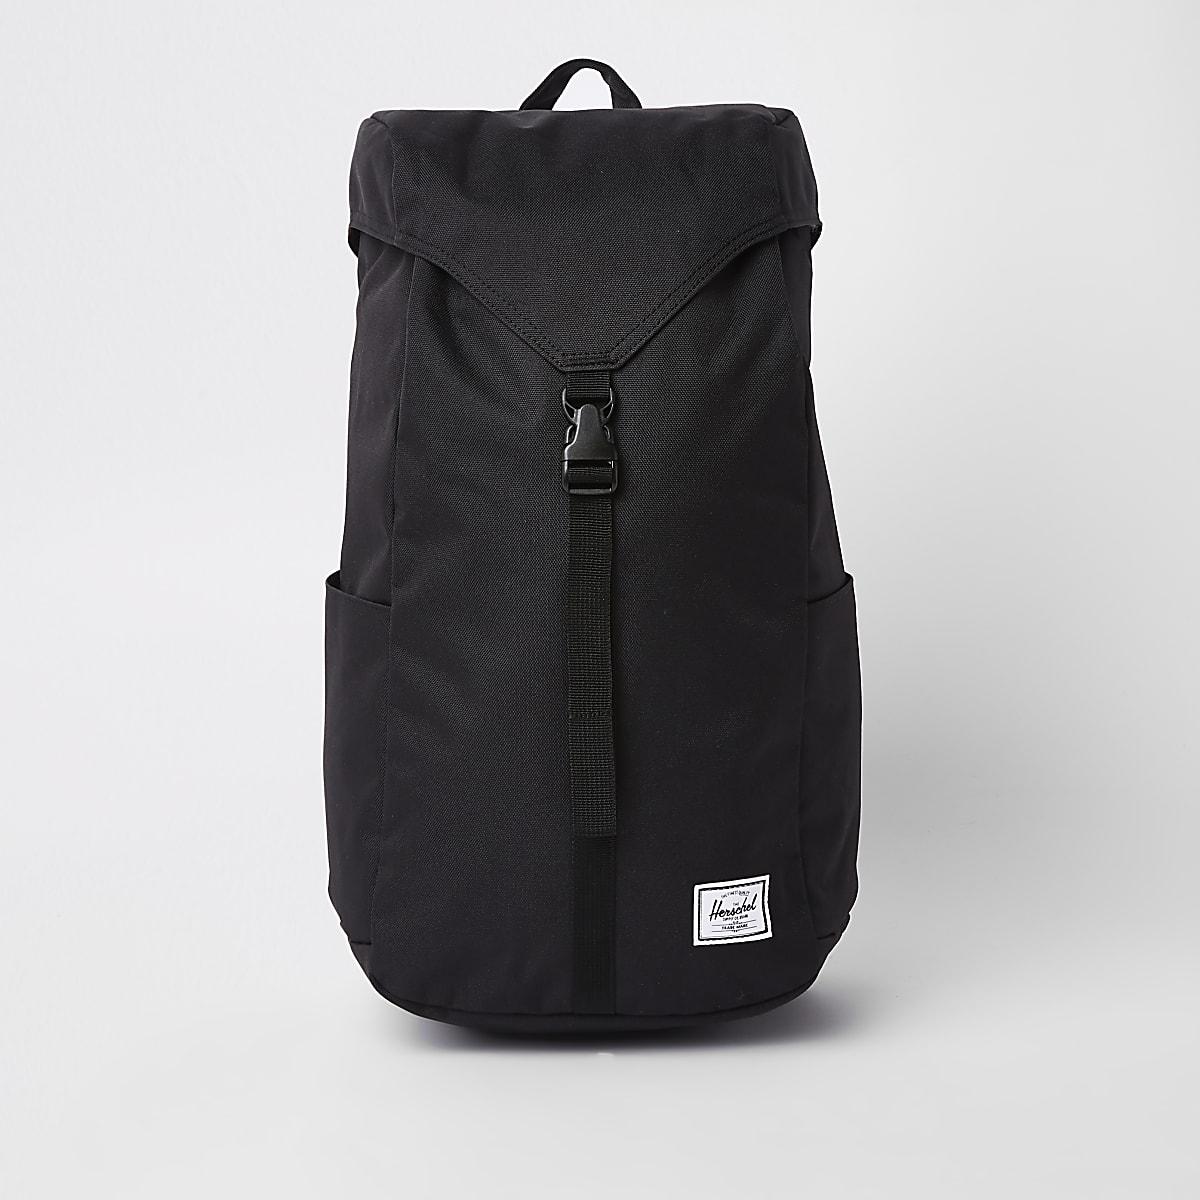 Herschel black Thompson rucksack